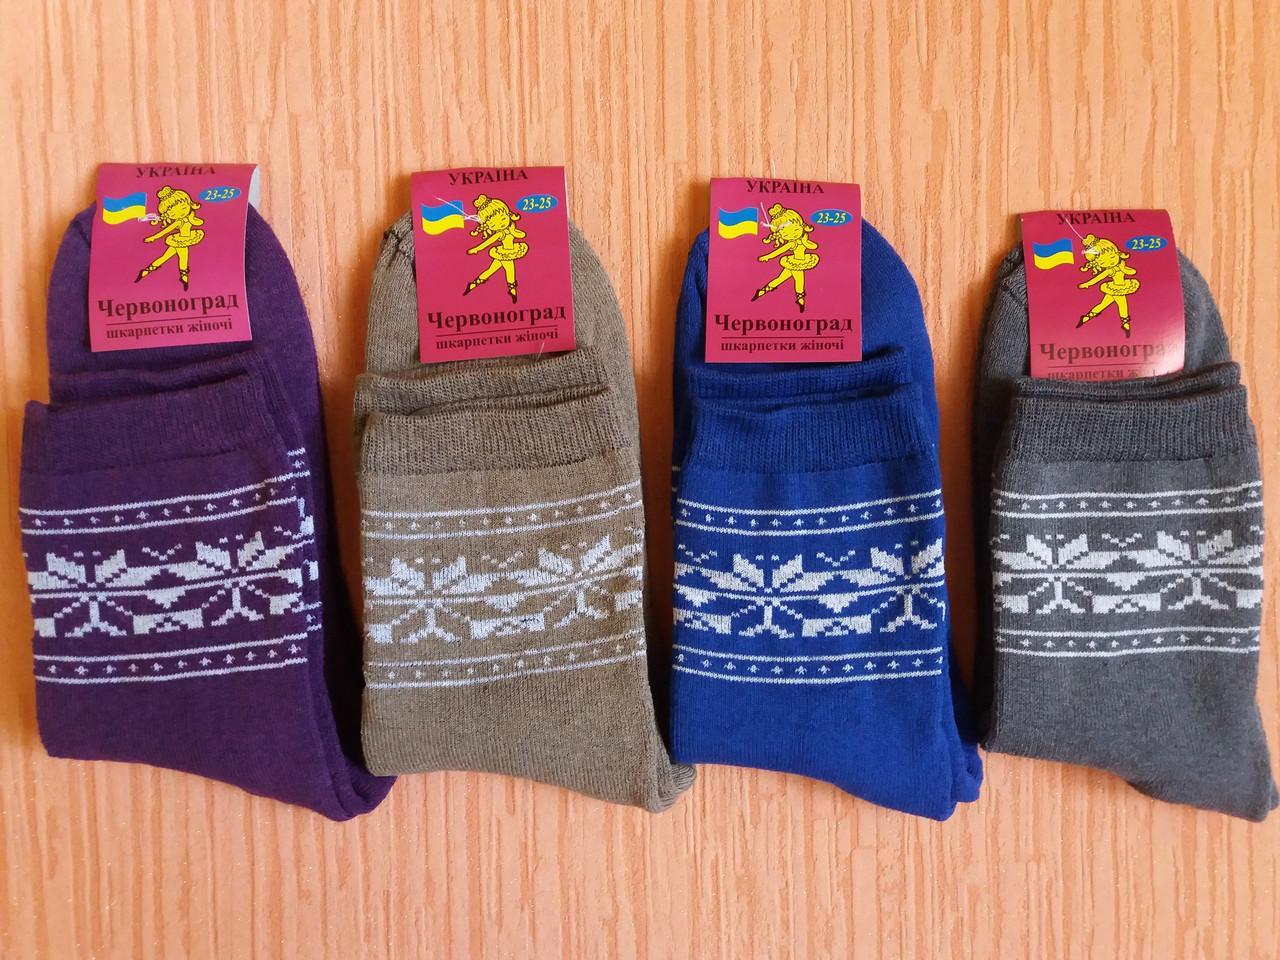 Носки женские махровые Украина   р.23-25 хлопок+стрейч. От 10 пар по 10грн